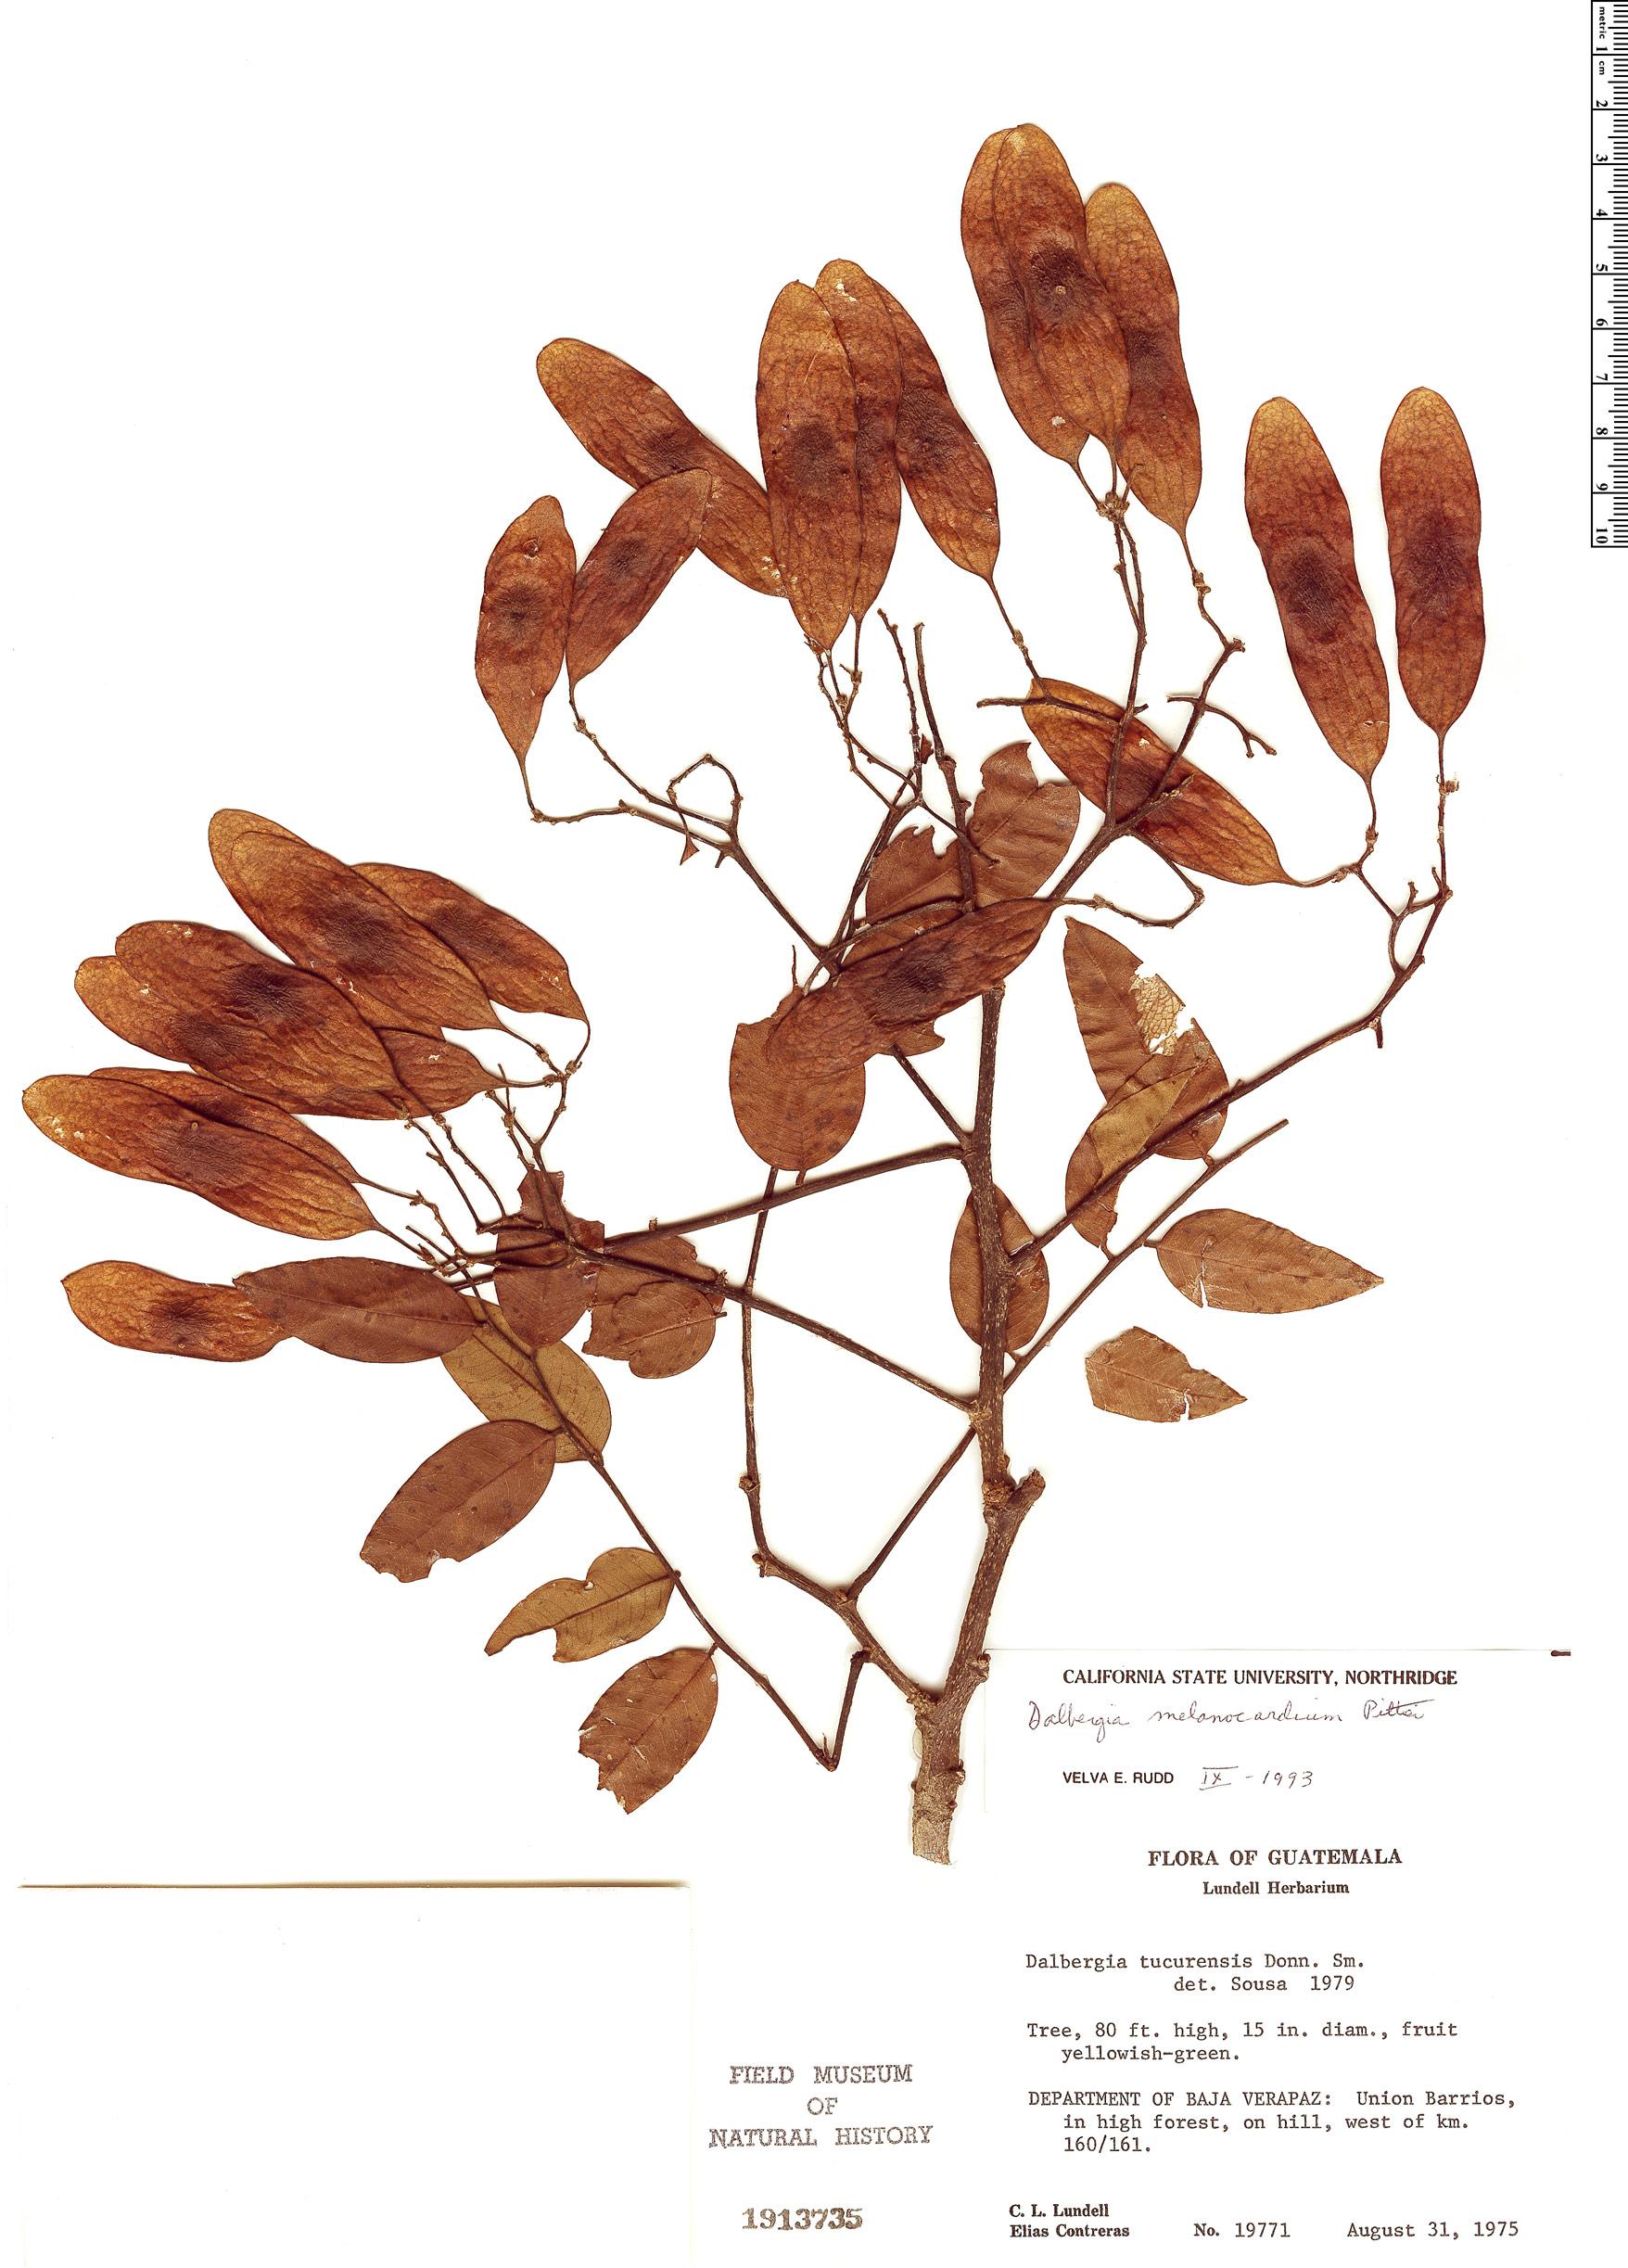 Specimen: Dalbergia tucurensis